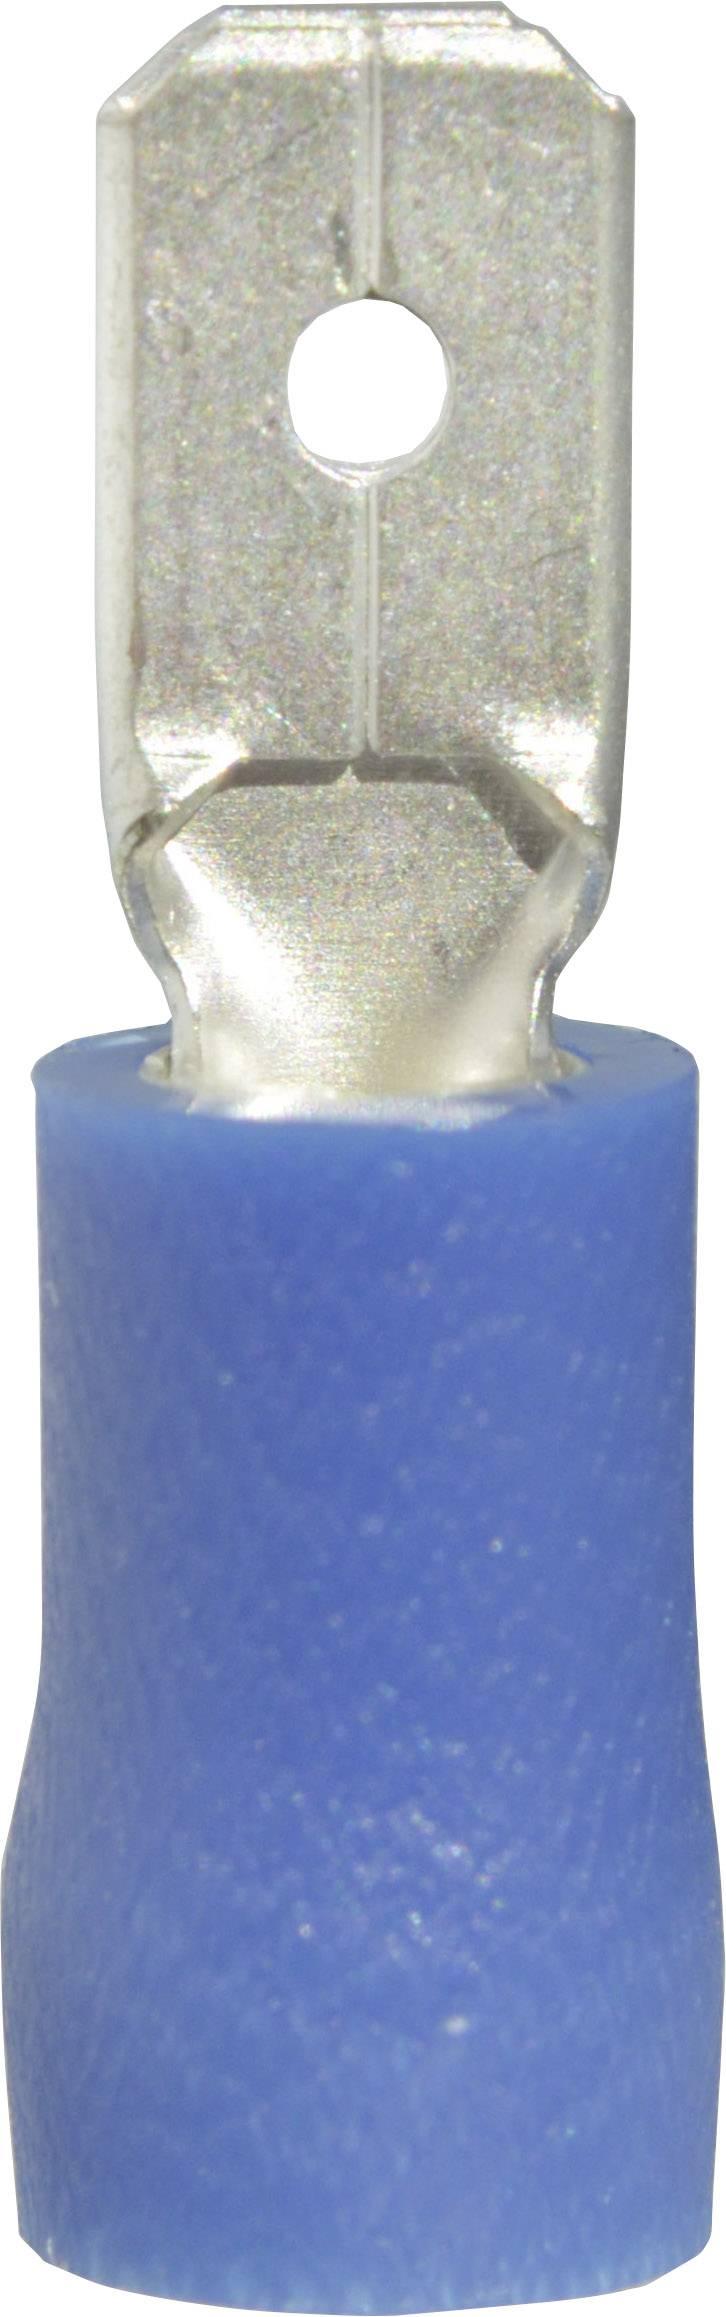 Faston konektor zástrčka Vogt Verbindungstechnik 393408S 4.8 mm x 0.8 mm, 180 °, čiastočne izolované, modrá, 1 ks